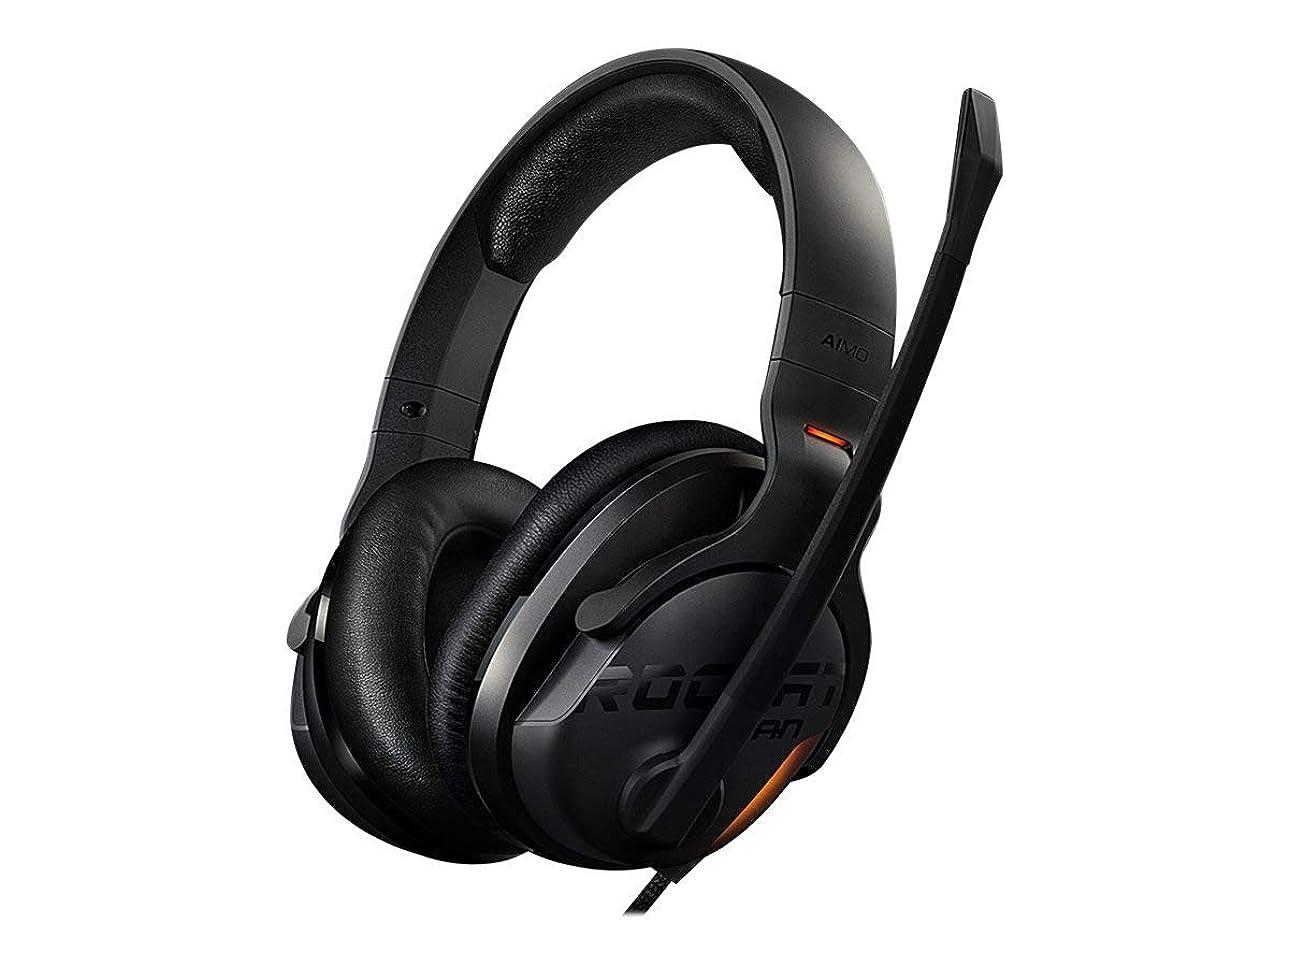 流出貢献する愛撫Roccat Khan Aimo 7.1 Hi Res Rgb Gaming Headset, Black Roc-14-800